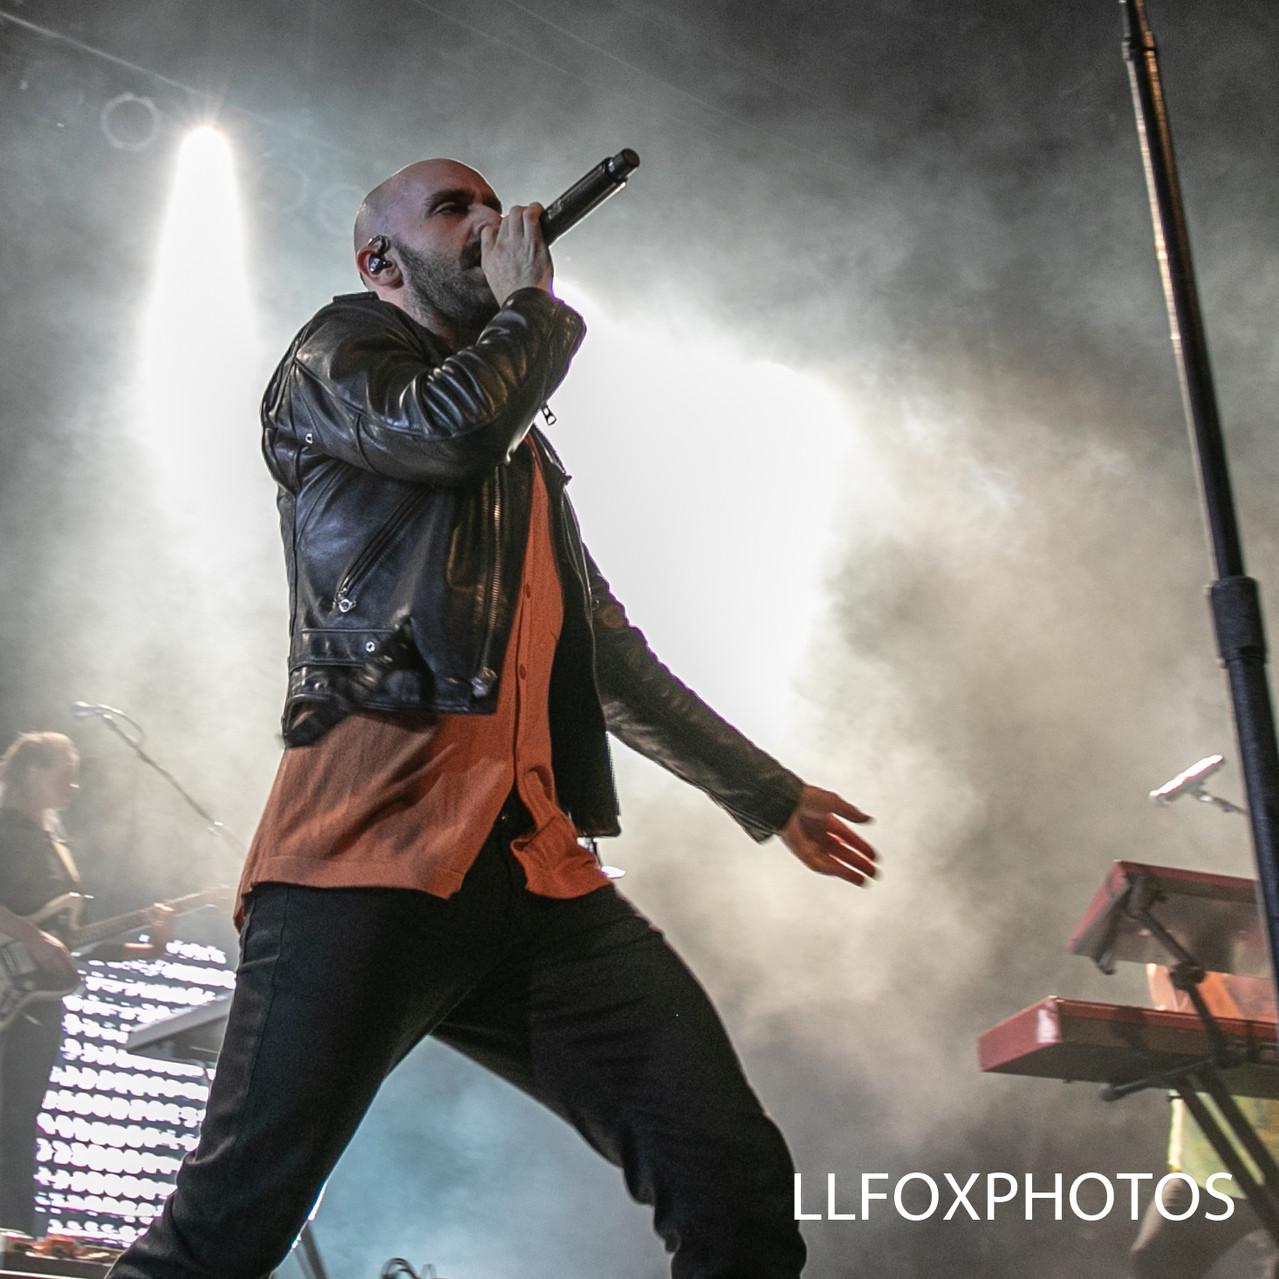 LLFOXPHOTOS-0306